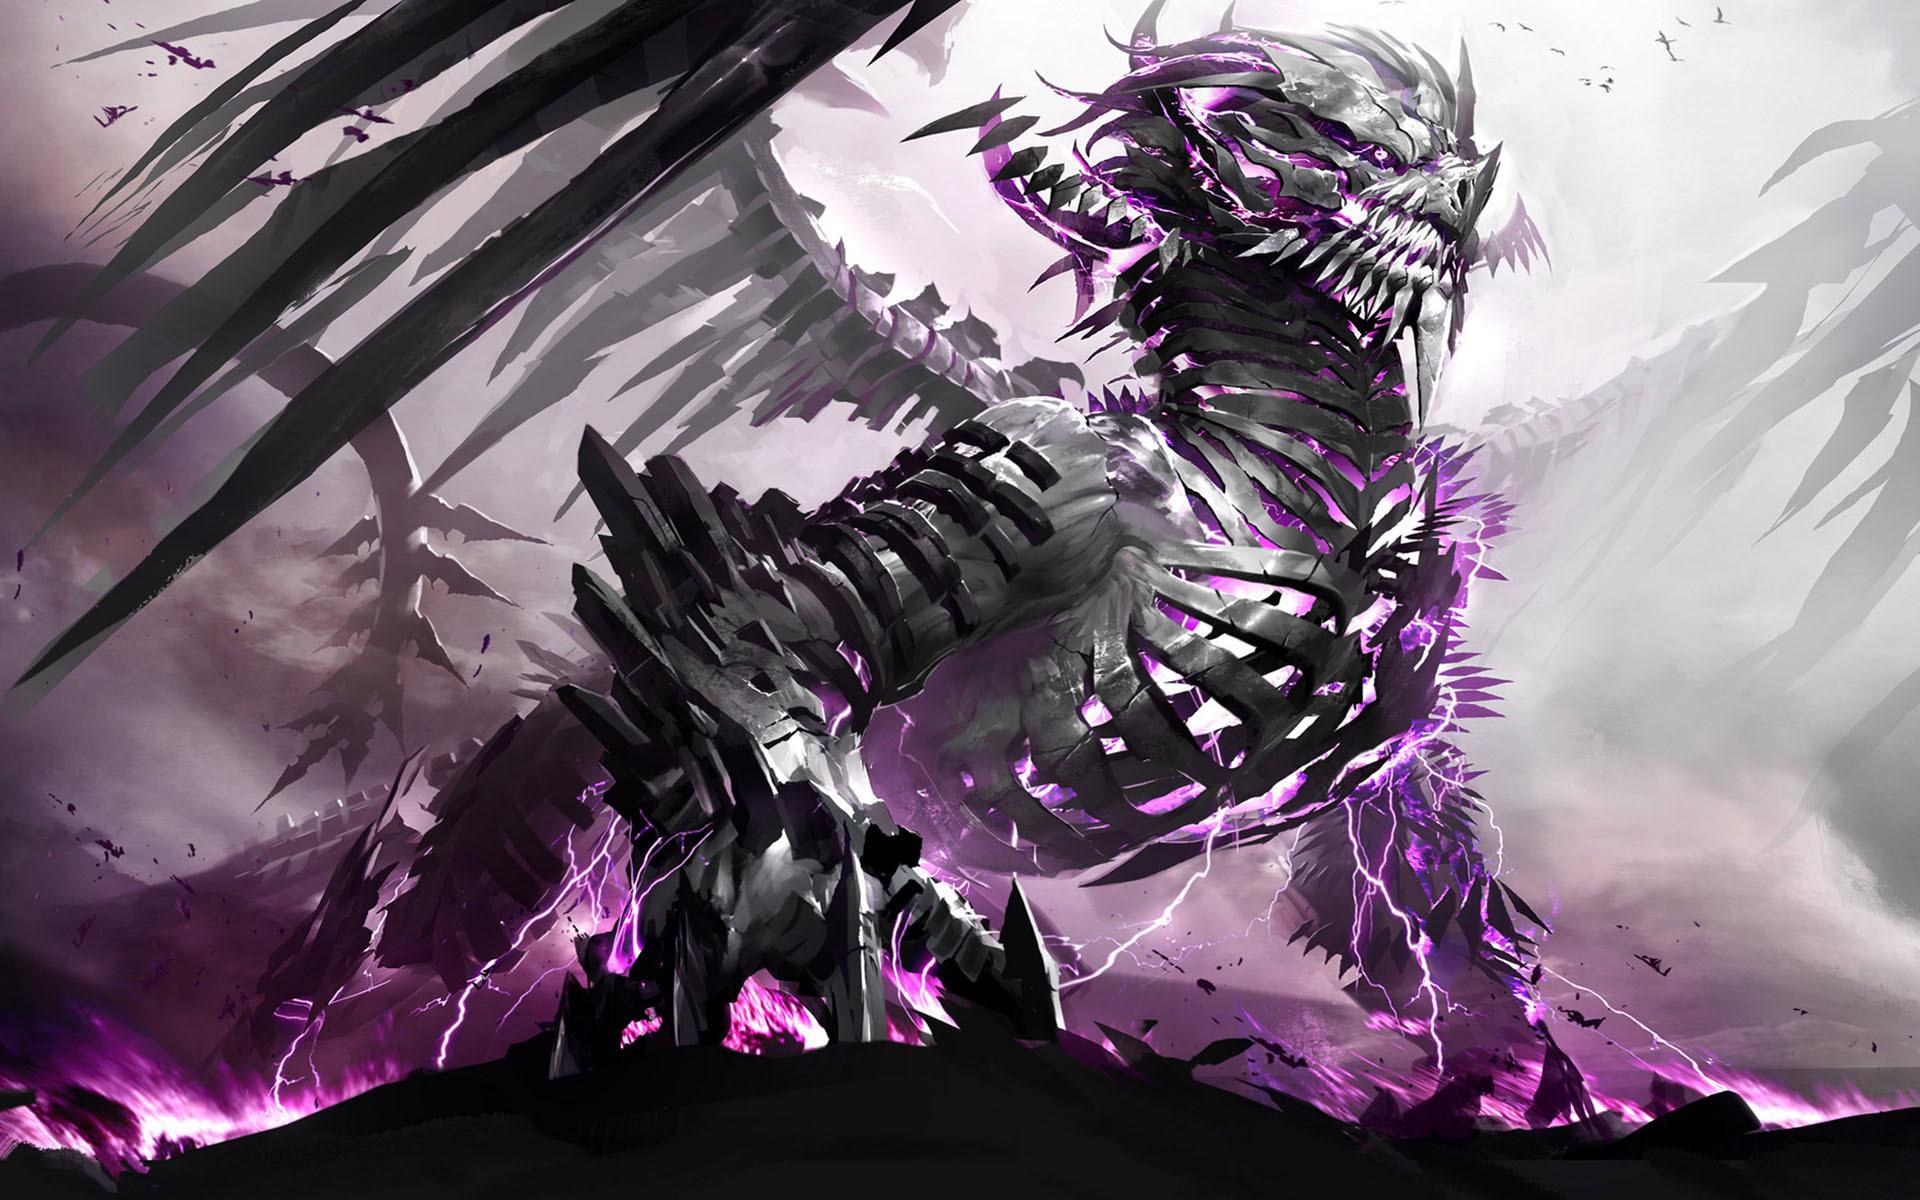 Обои на рабочий стол телефона драконы